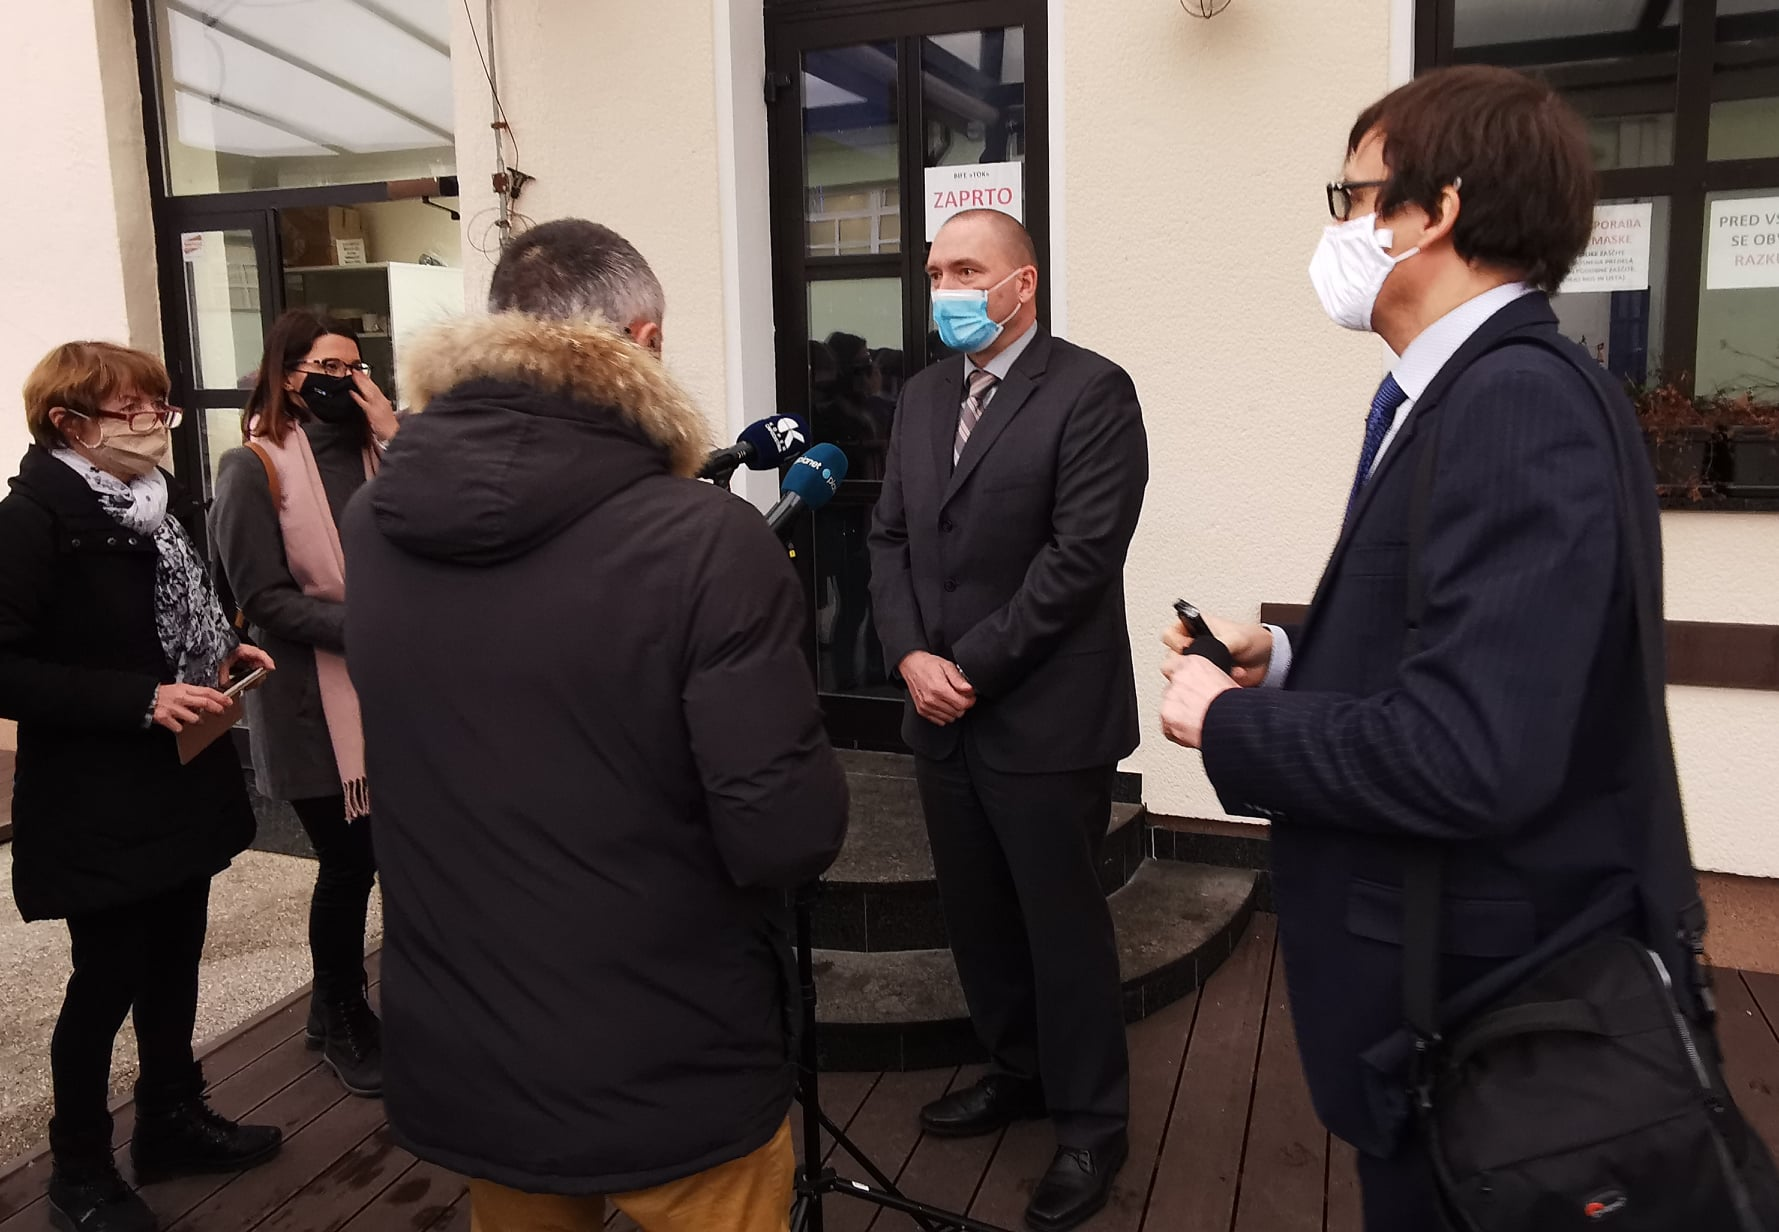 Immagine per Nuove opportunità agricole per il Goriziano sloveno, il ministro Podgoršek visita le eccellenze